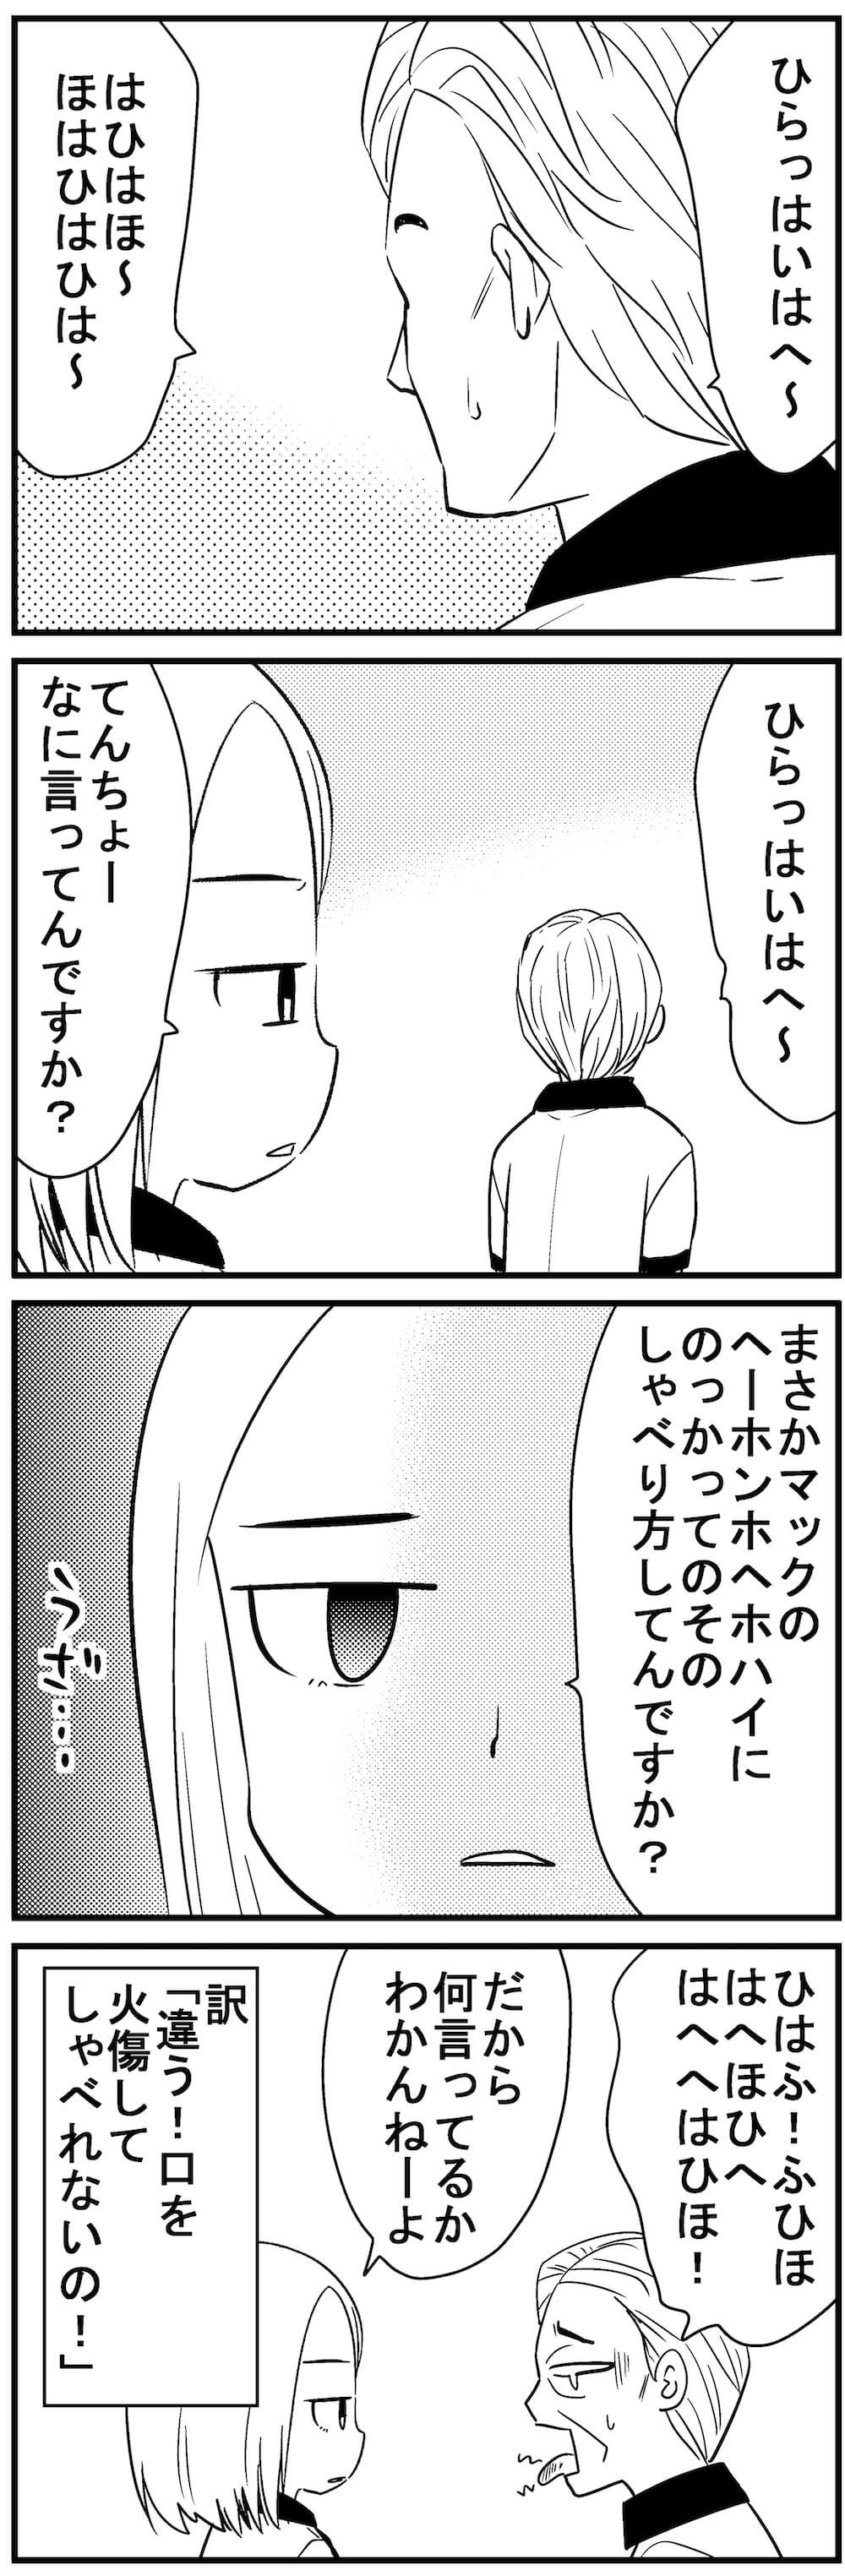 今日のてんちょー10,4